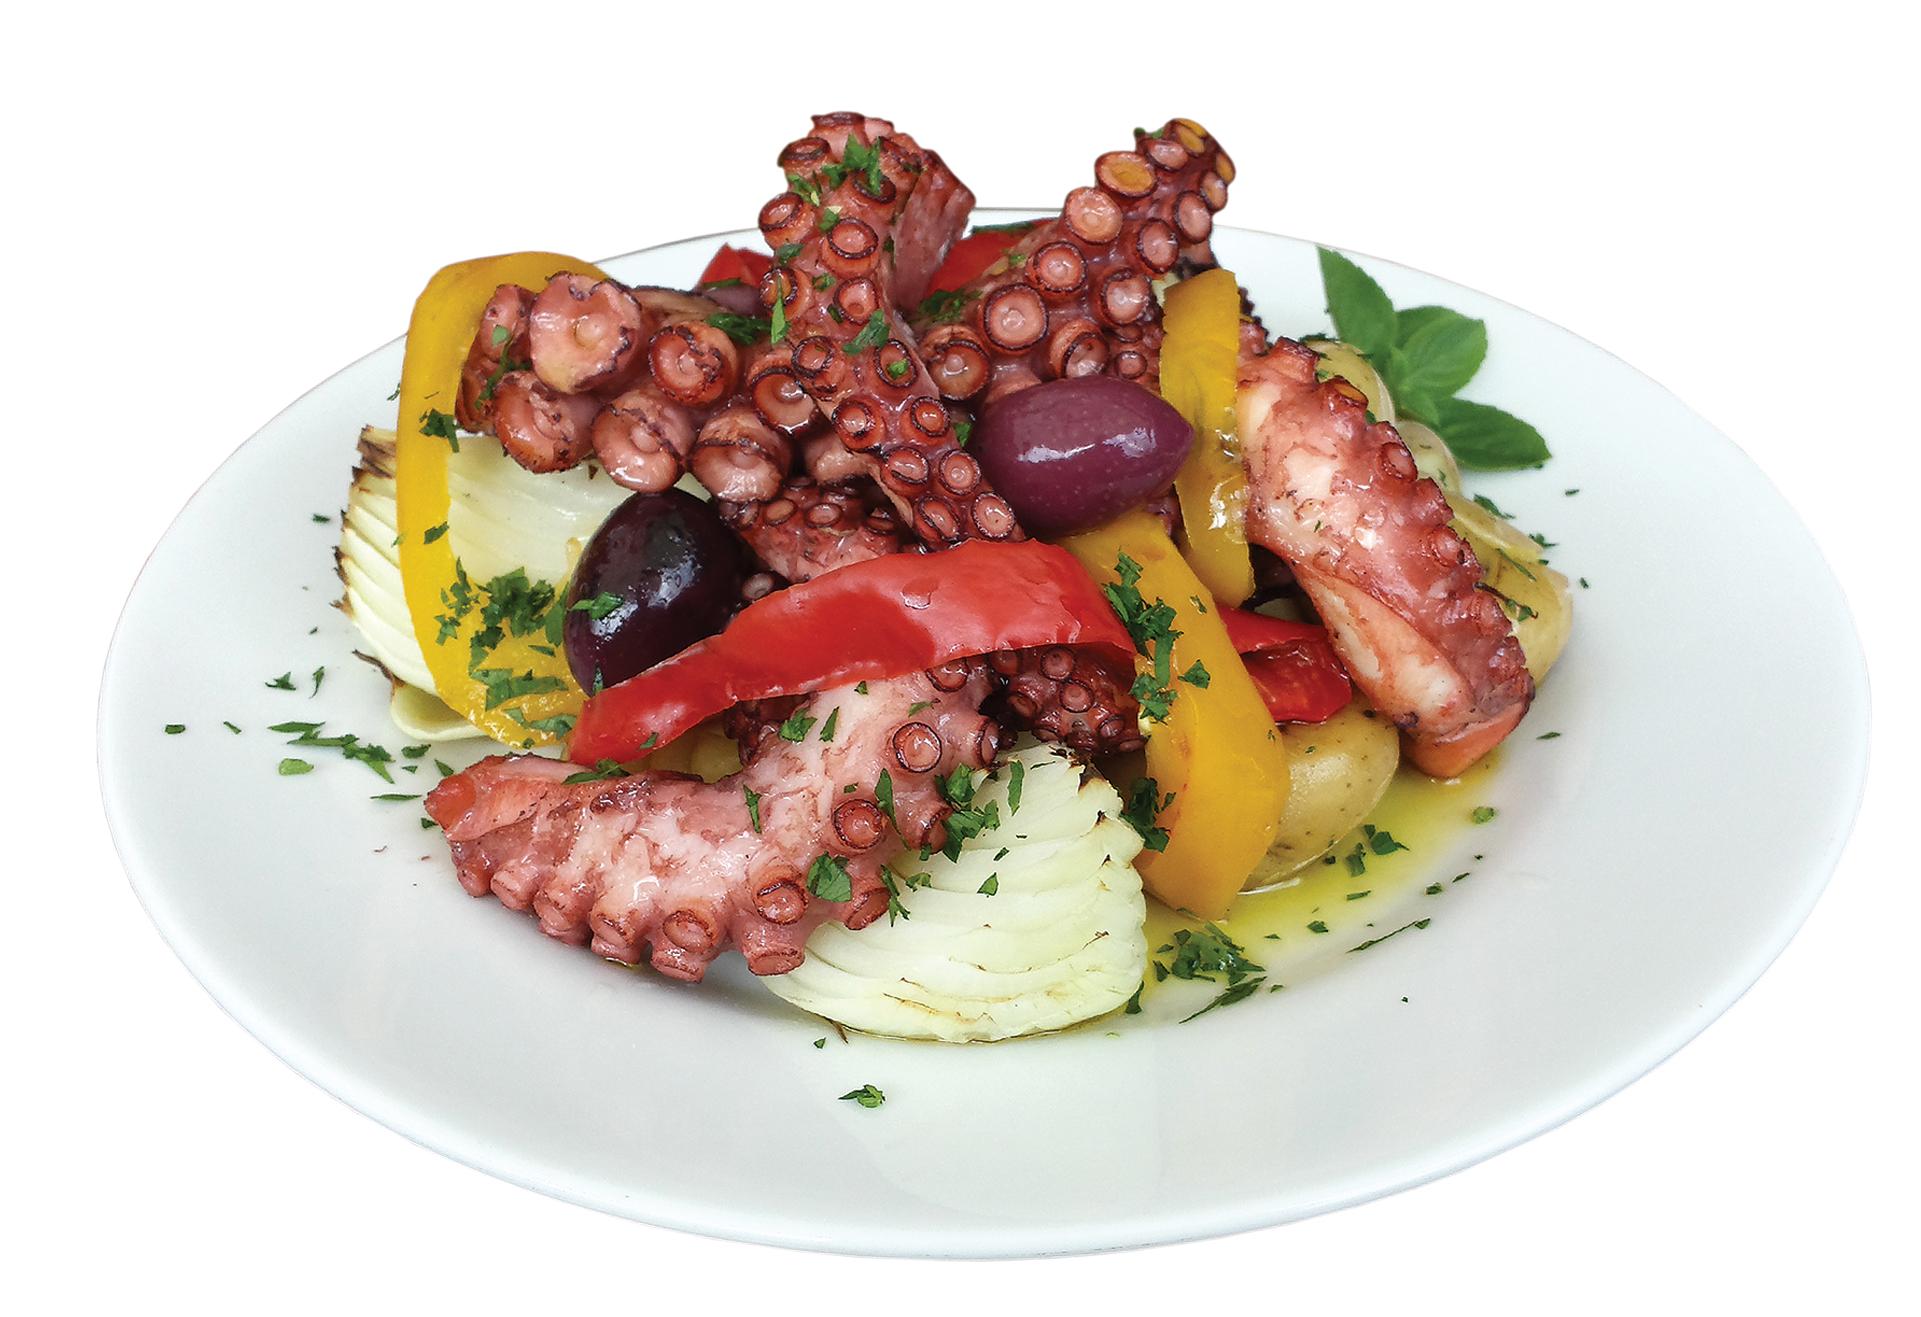 10 semanas para aproveitar pratos especiais inspirados na gastronomia portuguesa em Blumenau